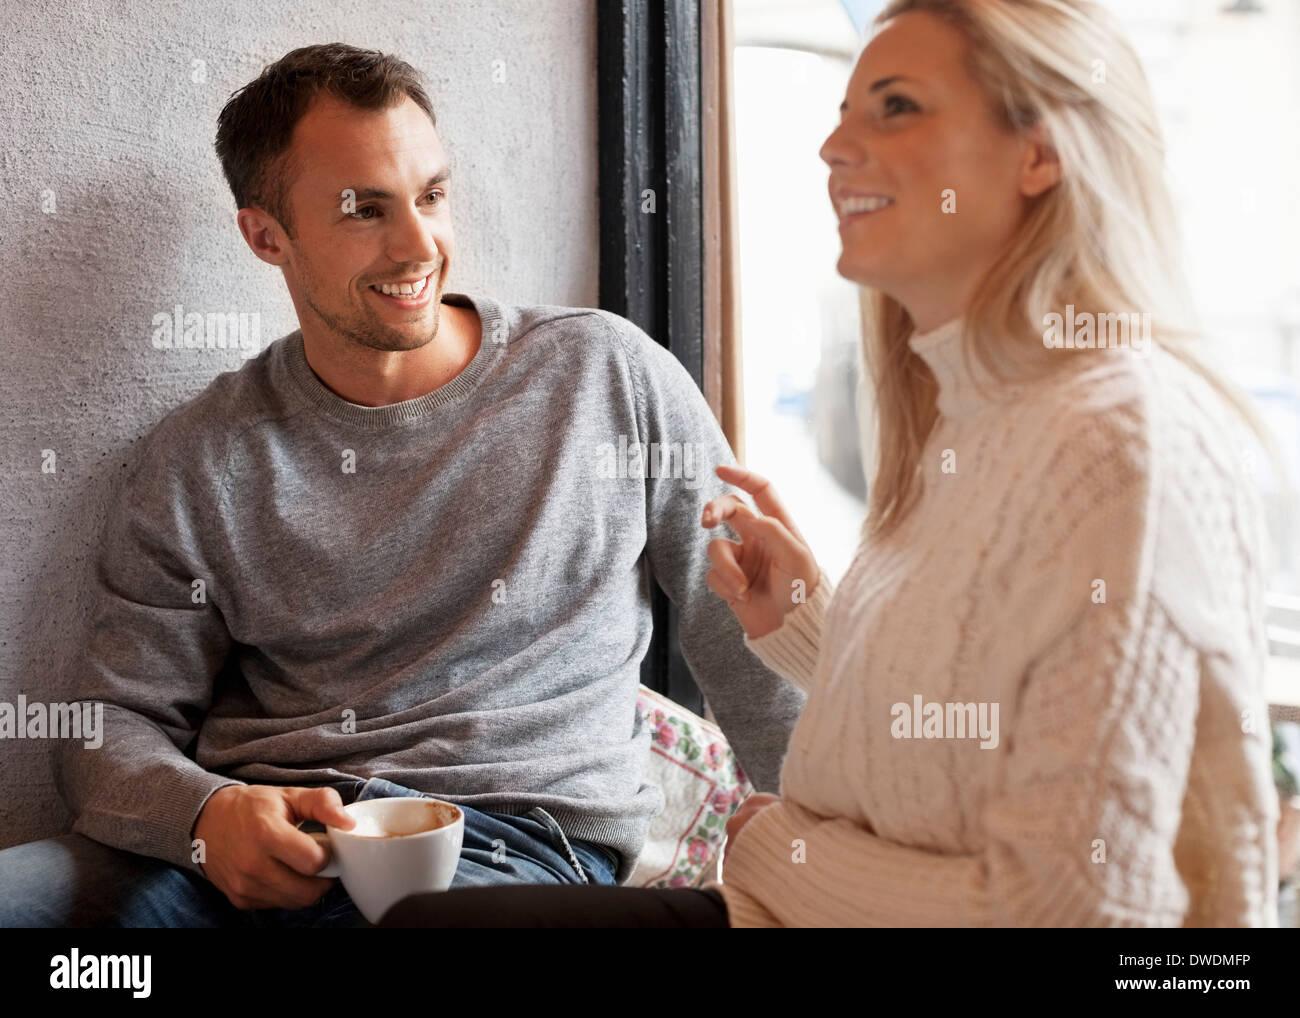 Felice coppia giovane trascorrere del tempo di qualità presso il cafe Immagini Stock